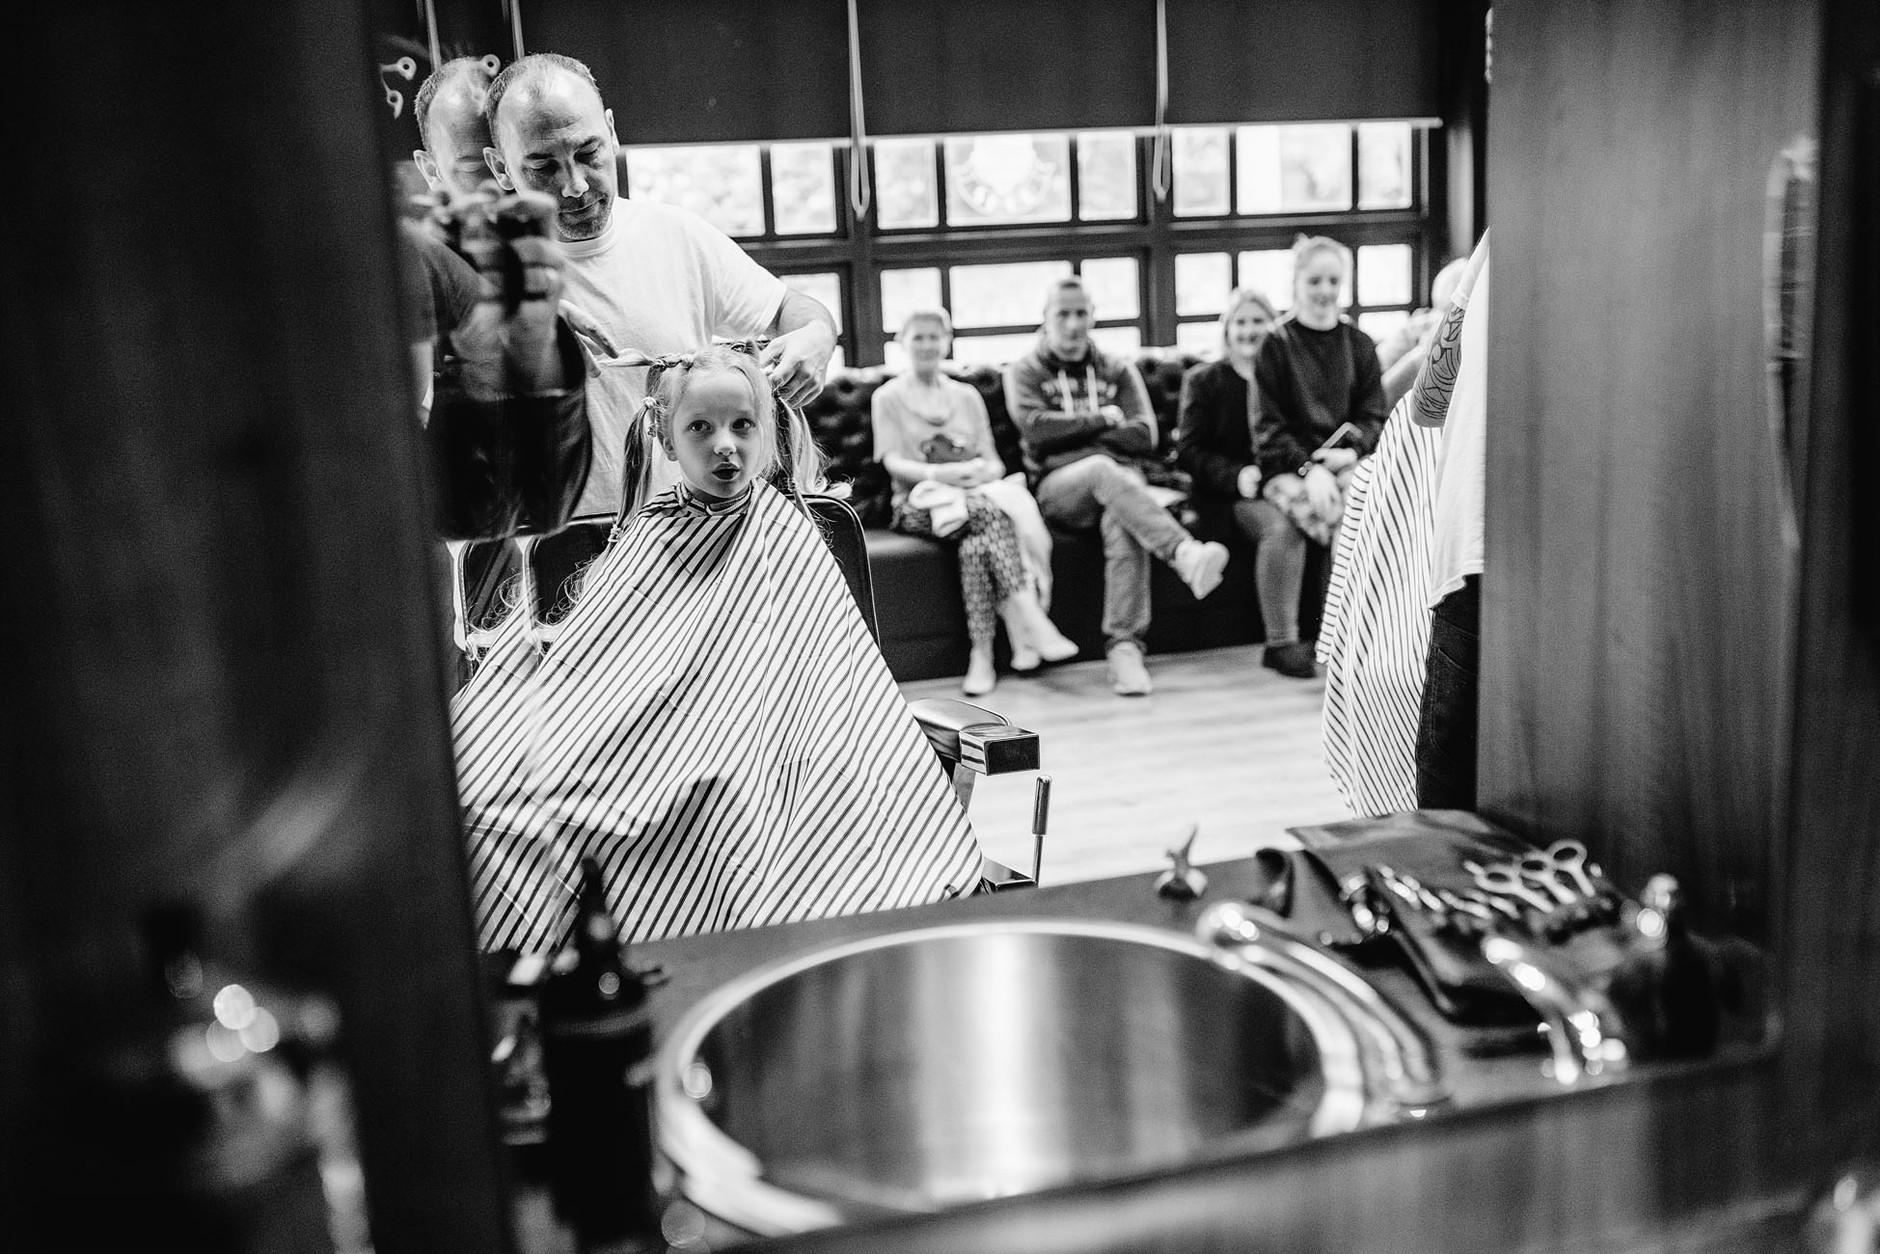 dublin-documentary-family-photography-finn-haircut-0011.jpg